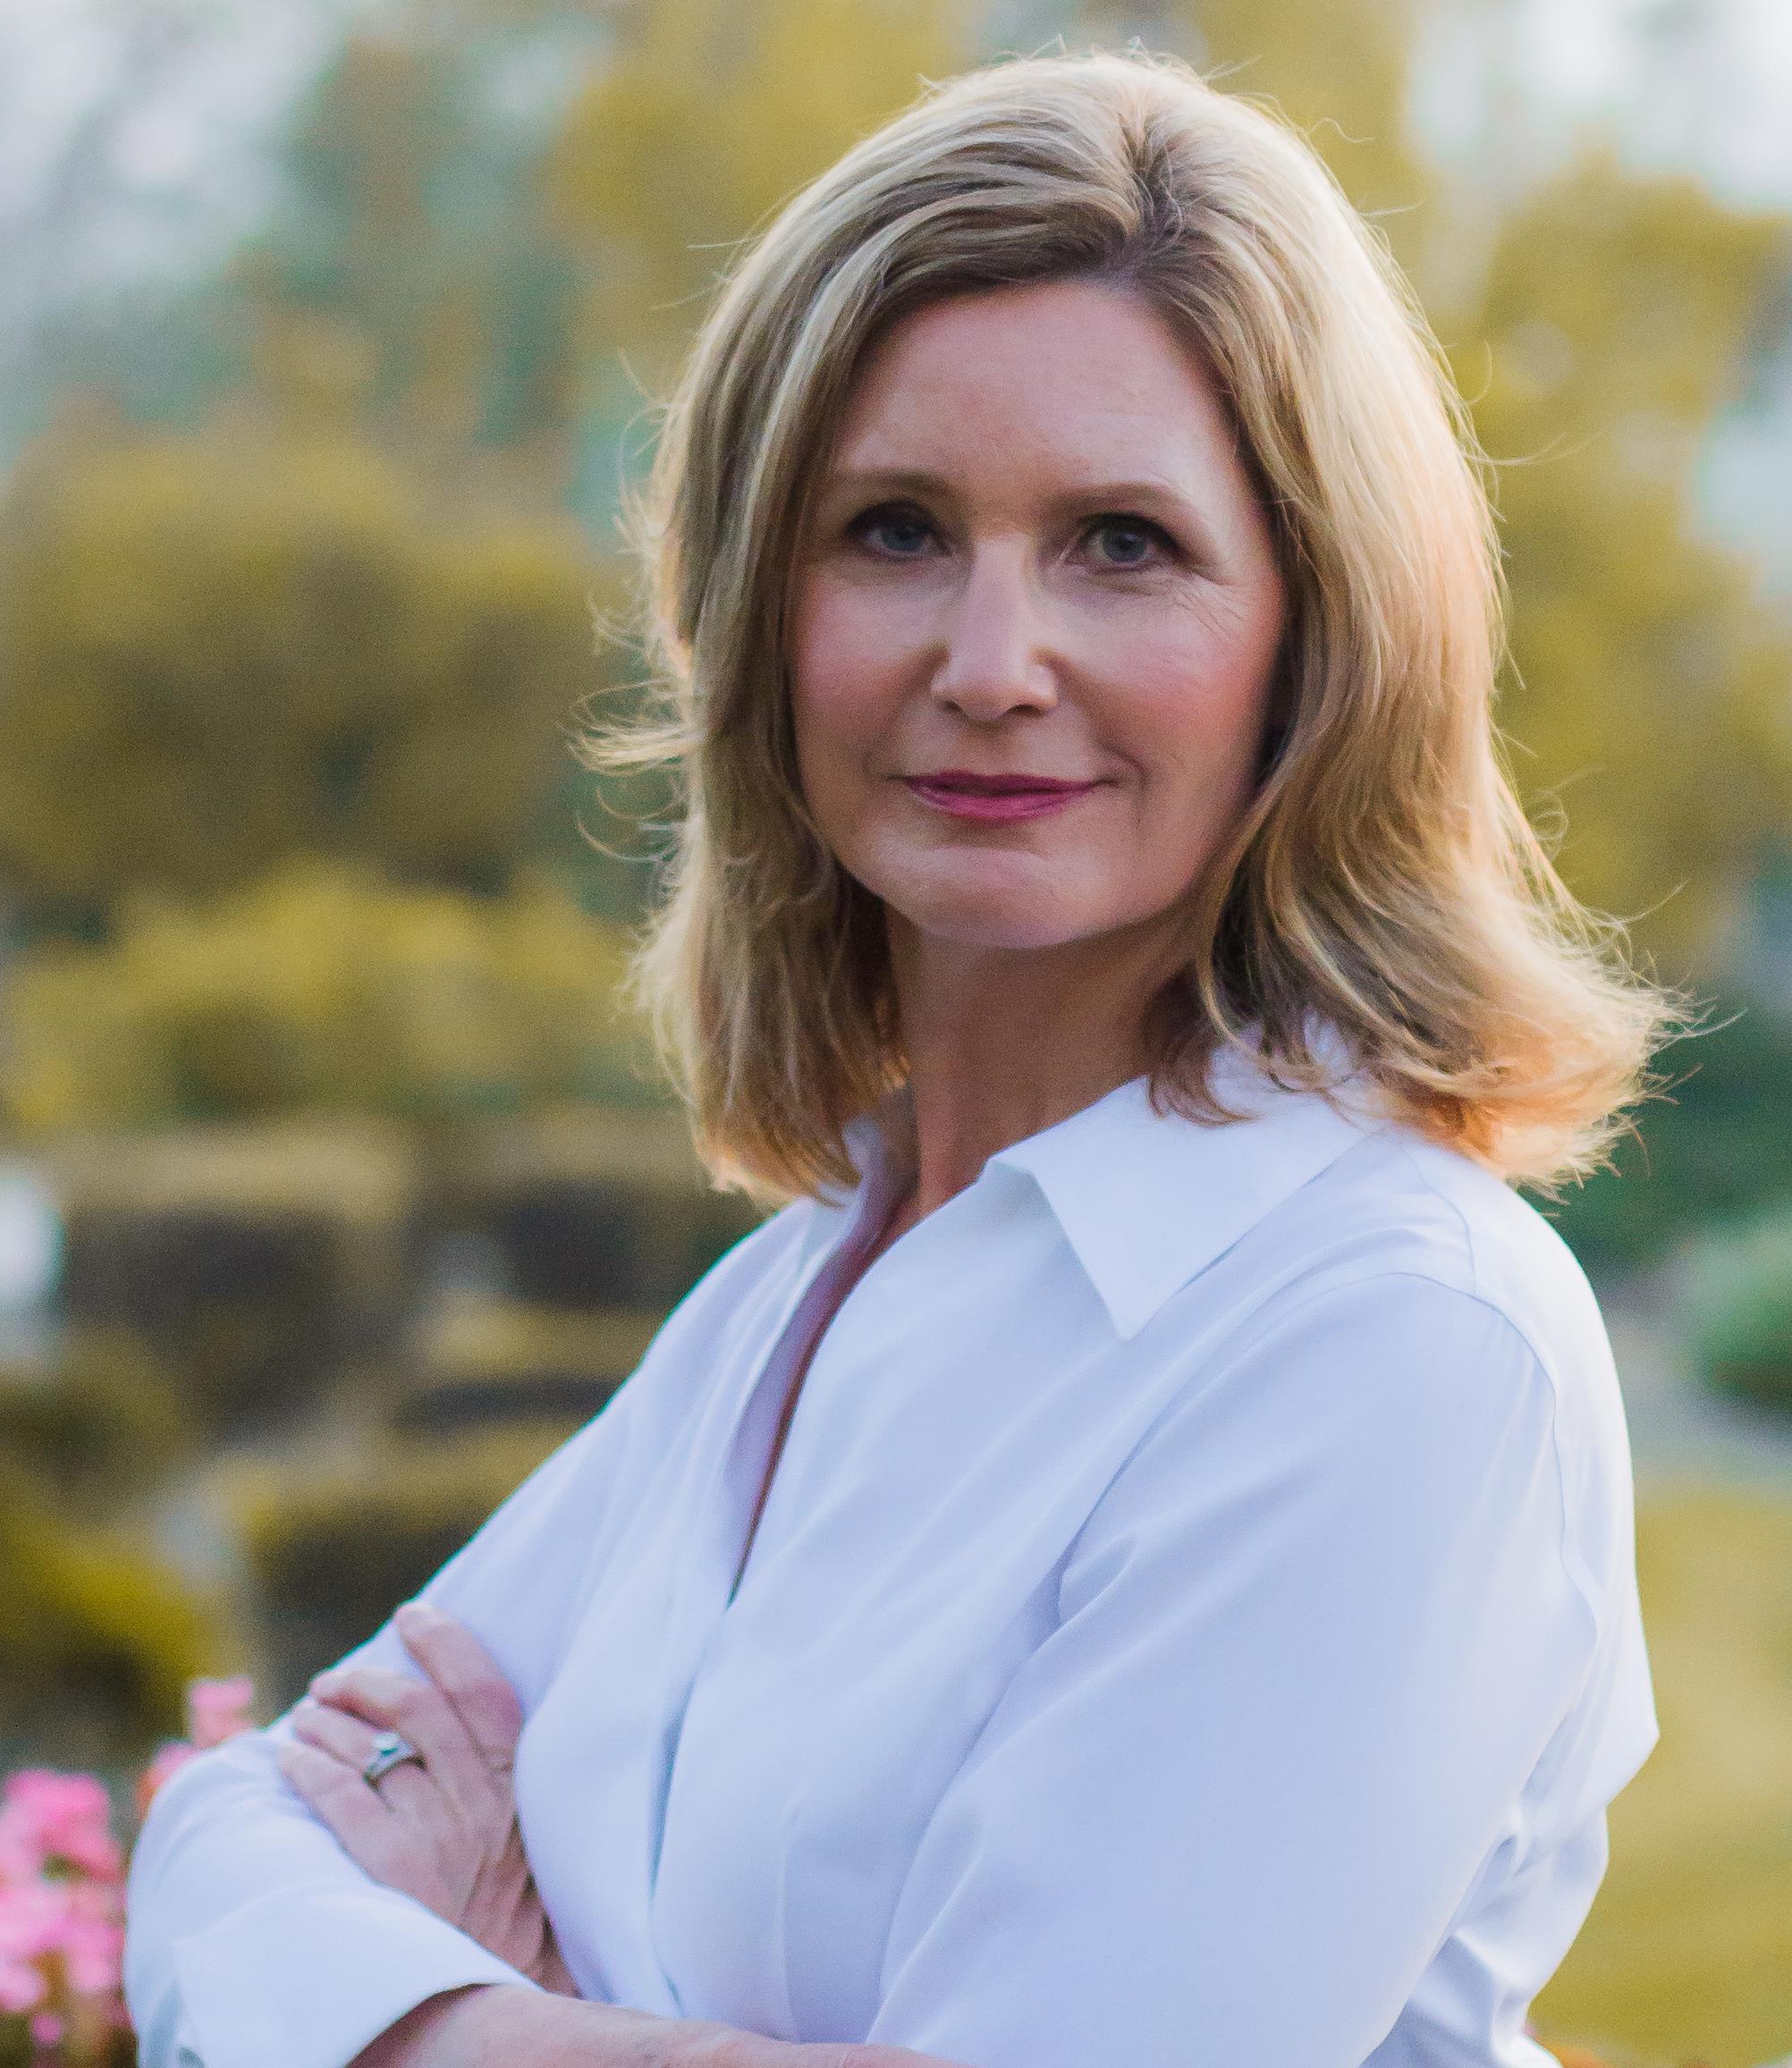 Jennifer Badner